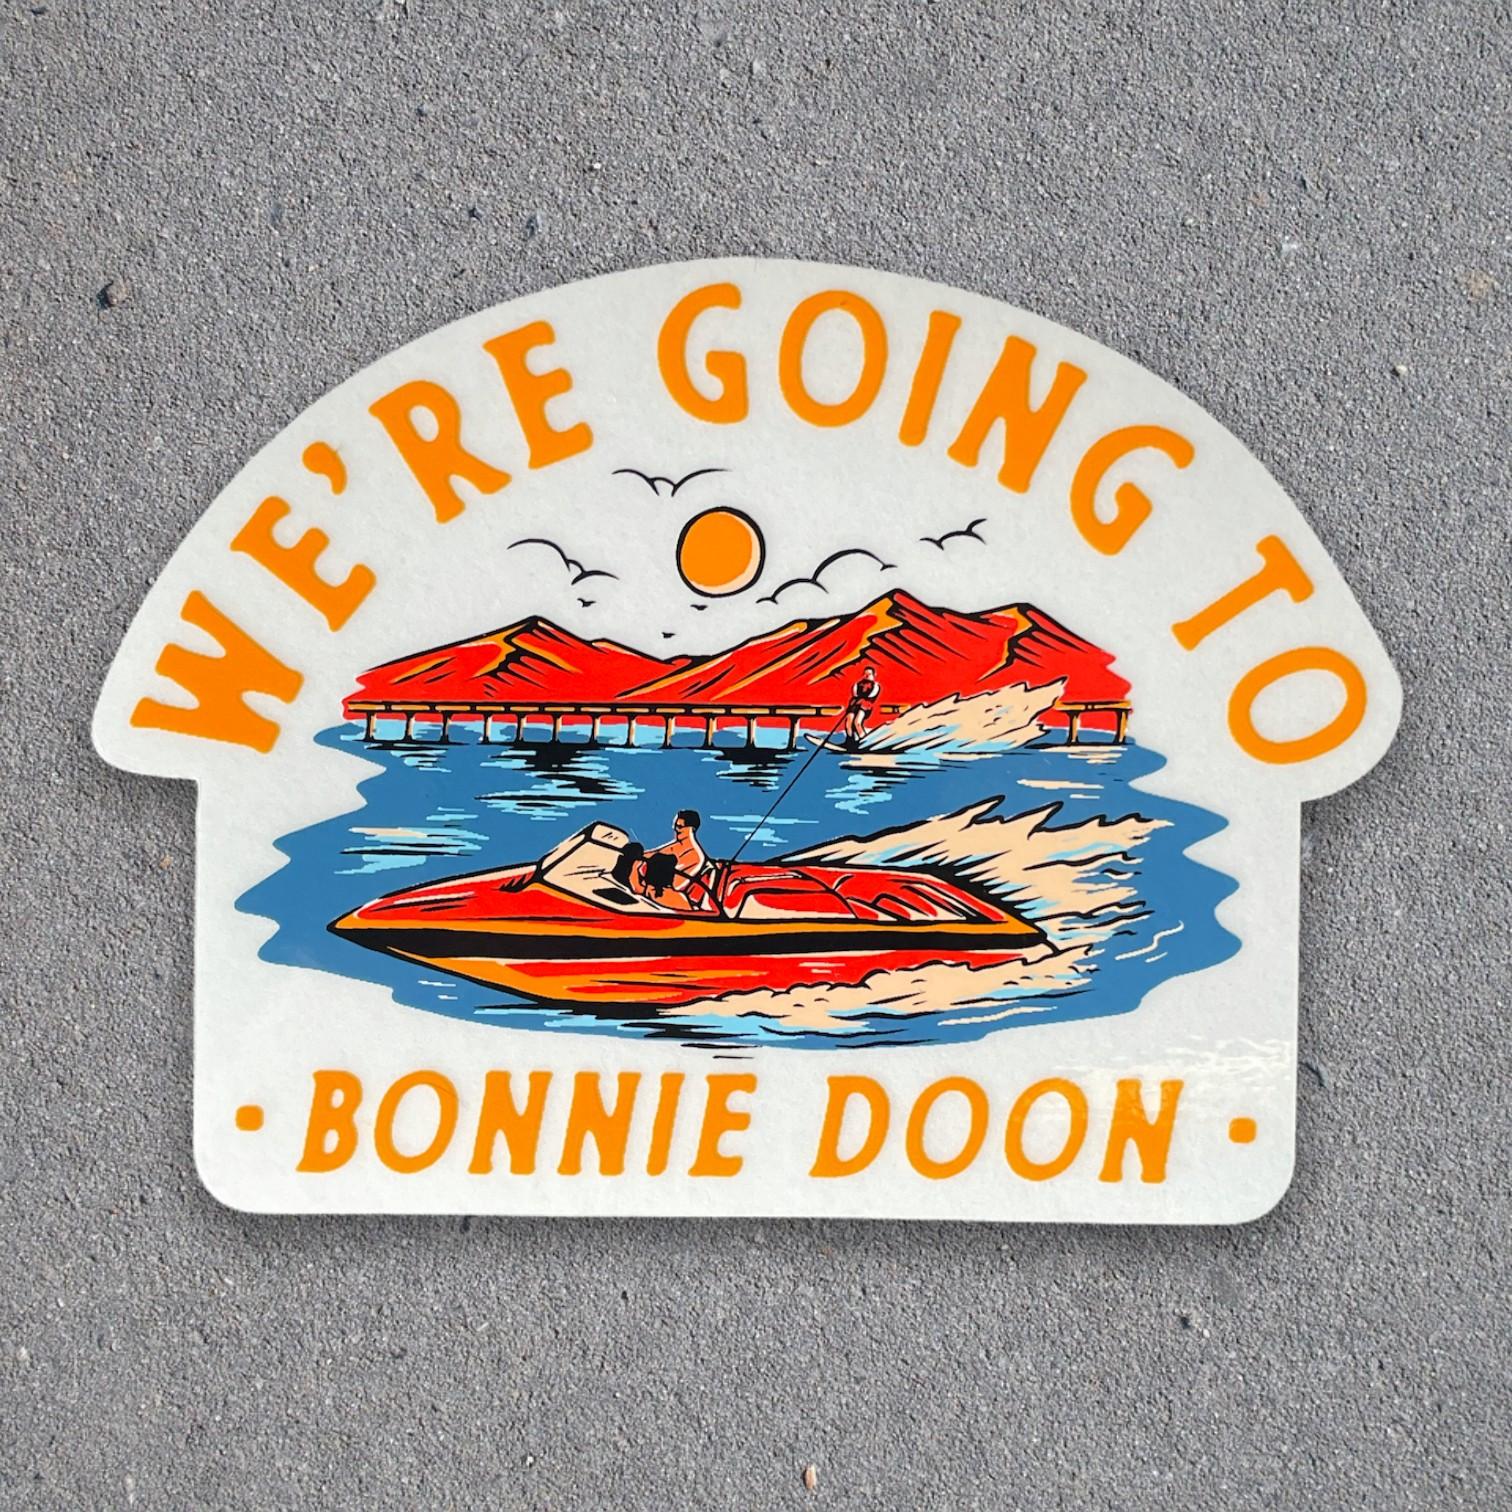 BONNIE DOON DIE CUT STICKER